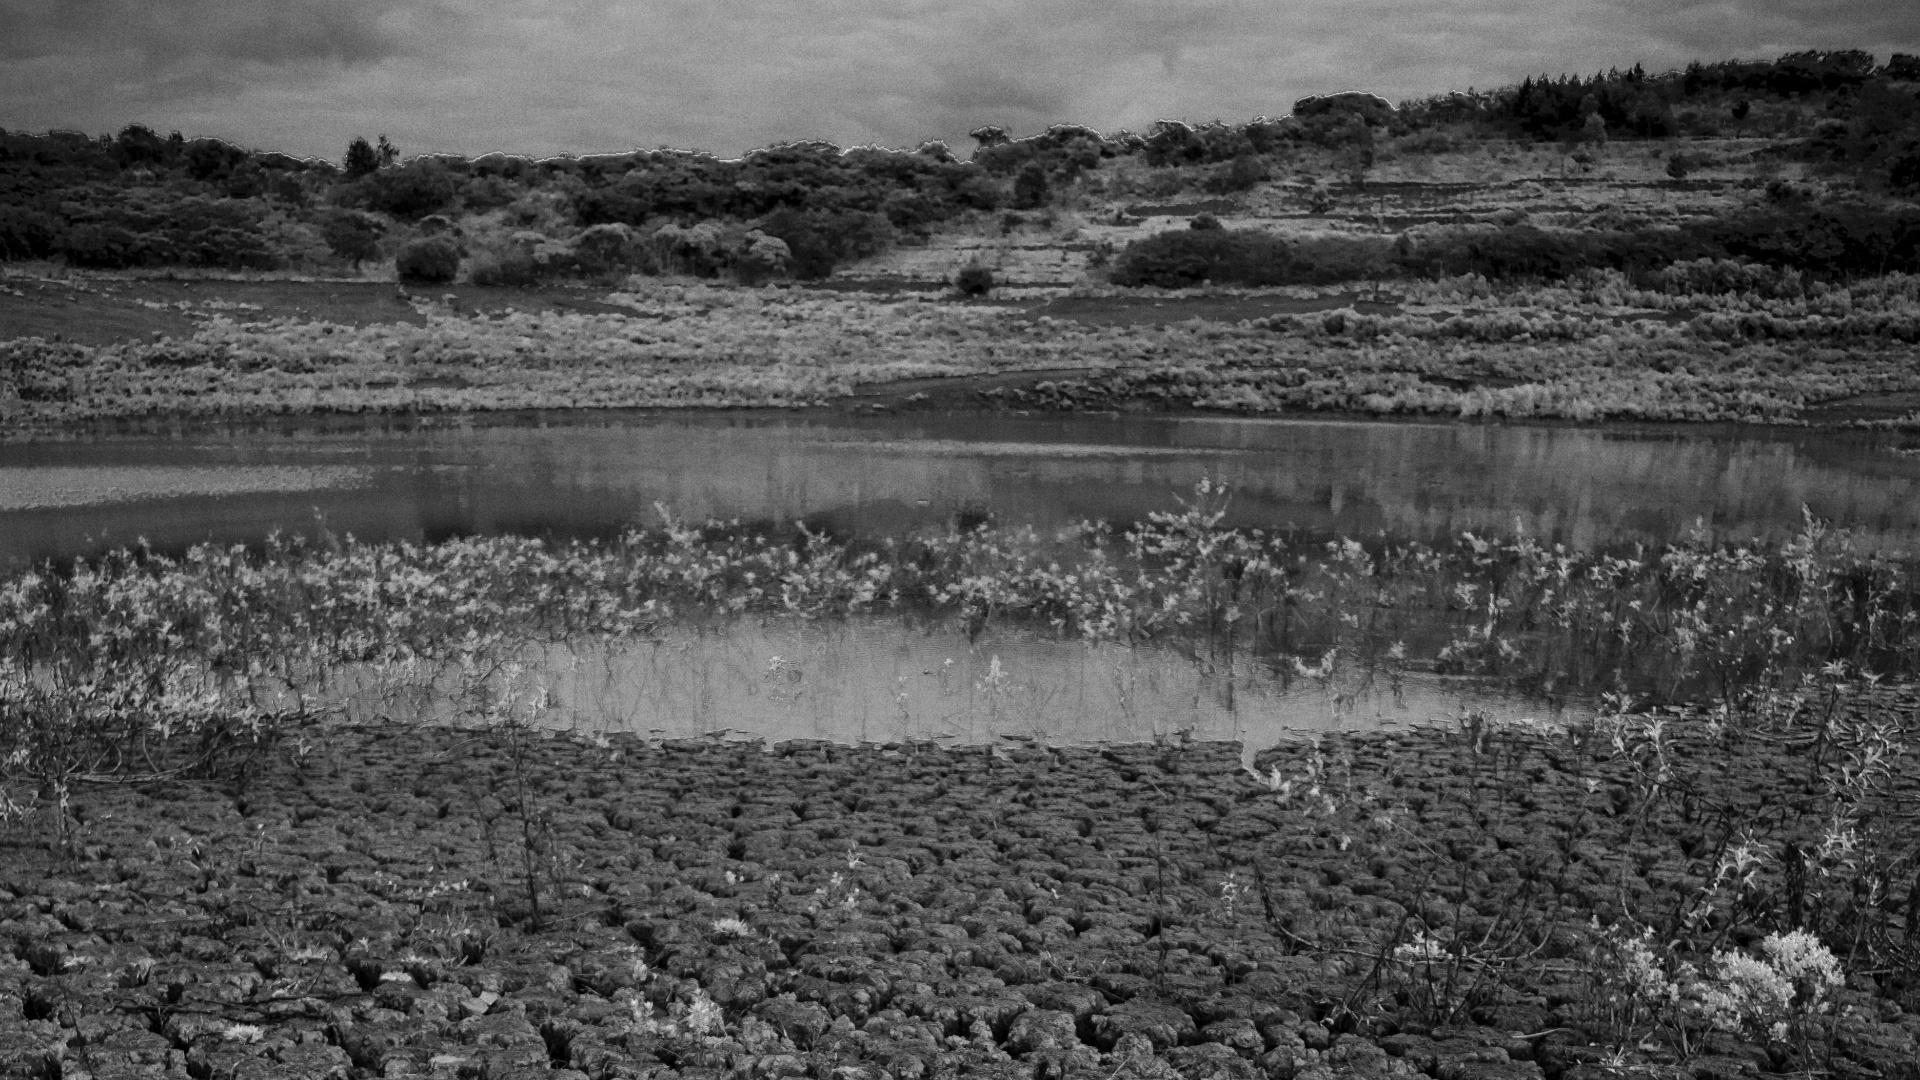 4.ago.2015 - JACAREÍ - A Sabesp (Companhia de Saneamento Básico do Estado de São Paulo) terá de reduzir em 26% a captação de água do Sistema Cantareira a partir de novembro deste ano, após o novo prazo de conclusão da obra emergencial na Represa Billings. A determinação foi divulgada na tarde desta sexta-feira (31) pela ANA (Agência Nacional de Águas e pelo DAEE (Departamento de Águas e Energia Elétrica de São Paulo), órgãos gestores do manancial